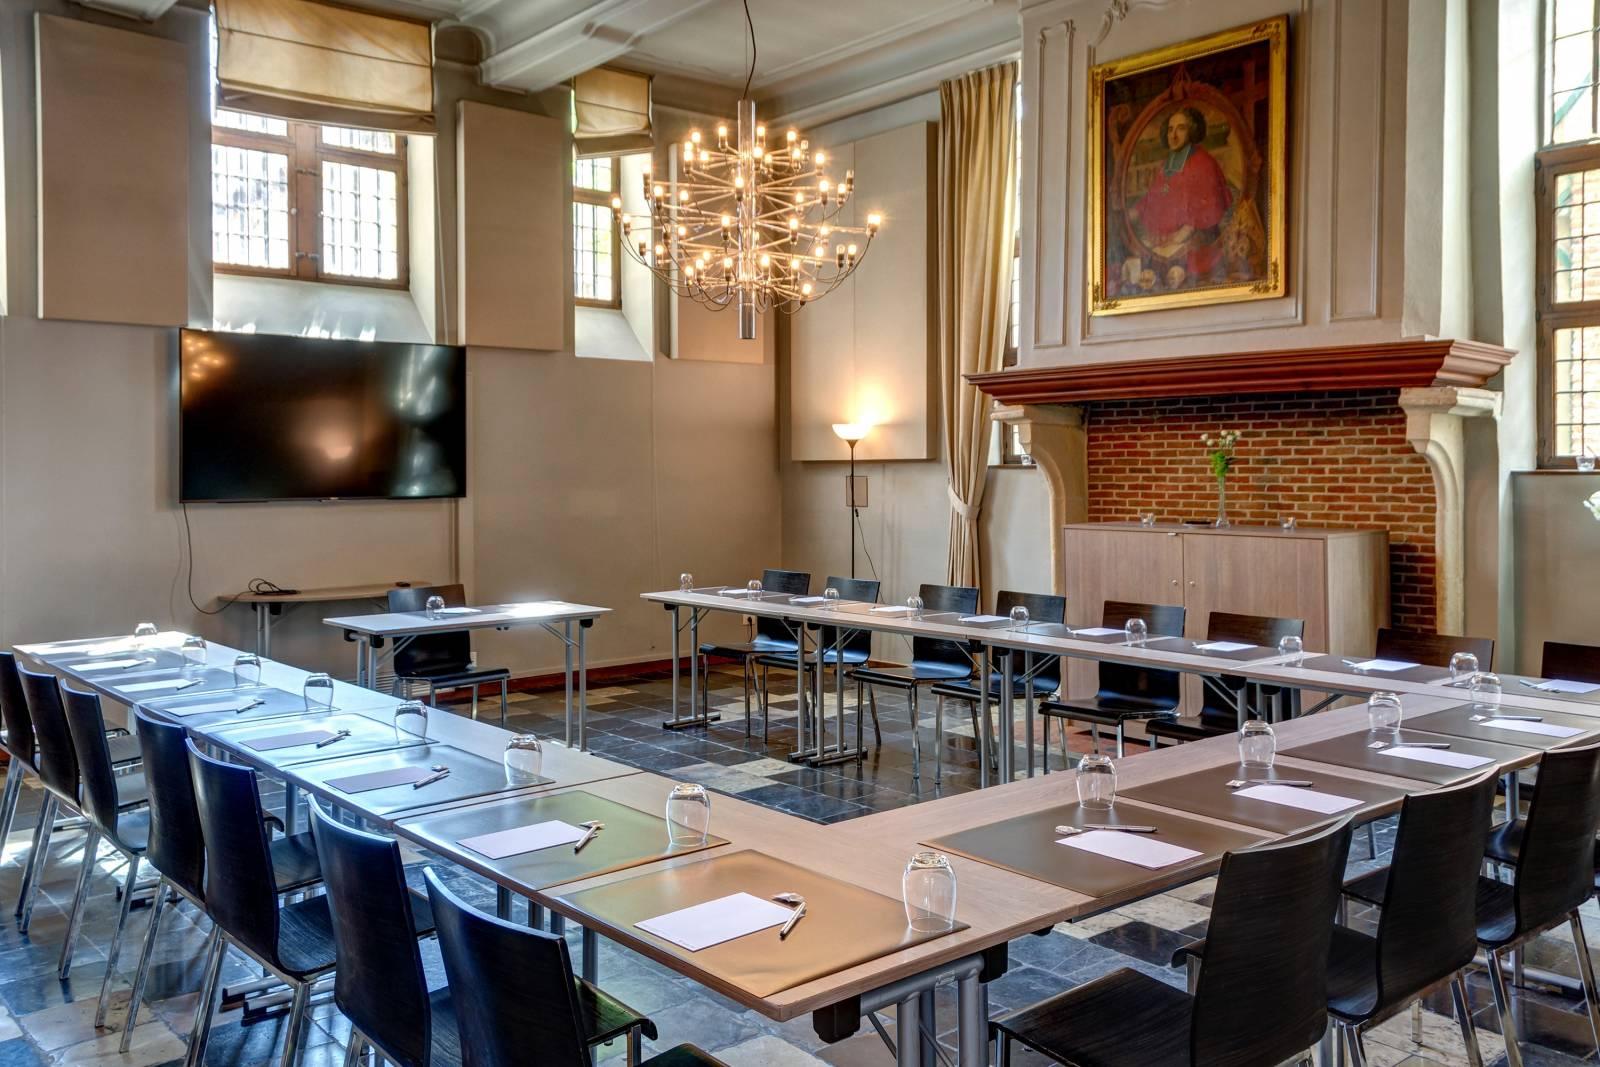 Faculty Club - Feestzaal - Feestlocatie - Rustiek - Historisch - Leuven (Vlaams-Brabant) - House of Events - 8